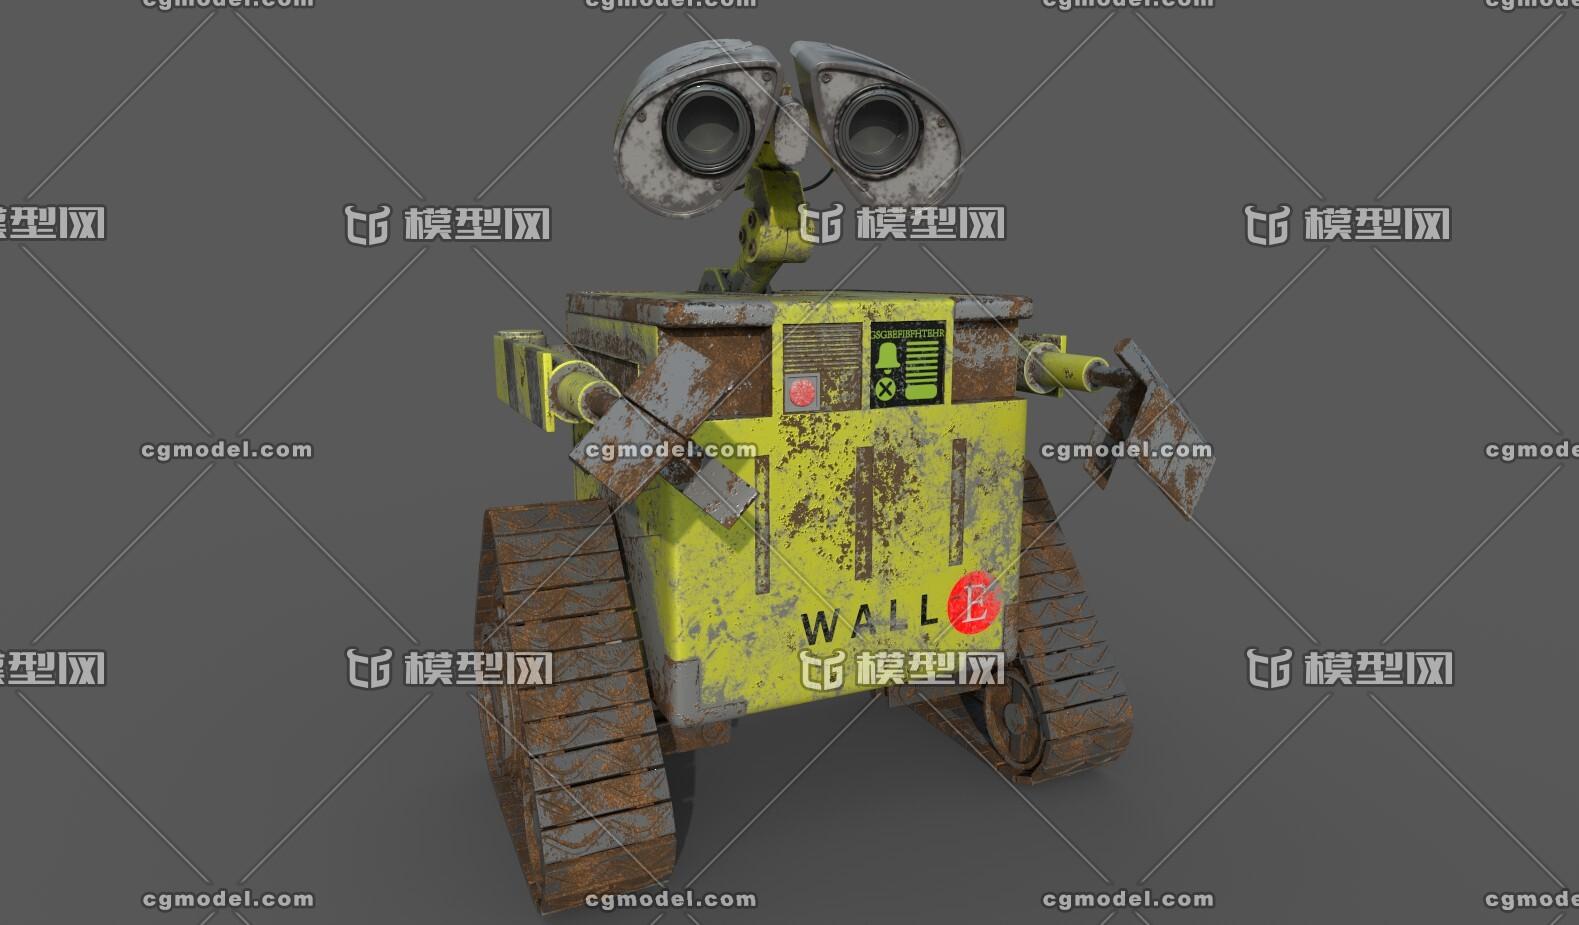 机器人瓦力_瓦力机器人-机器人/机甲-人物-FTJYDTYFDCXKYCU-CG模型网